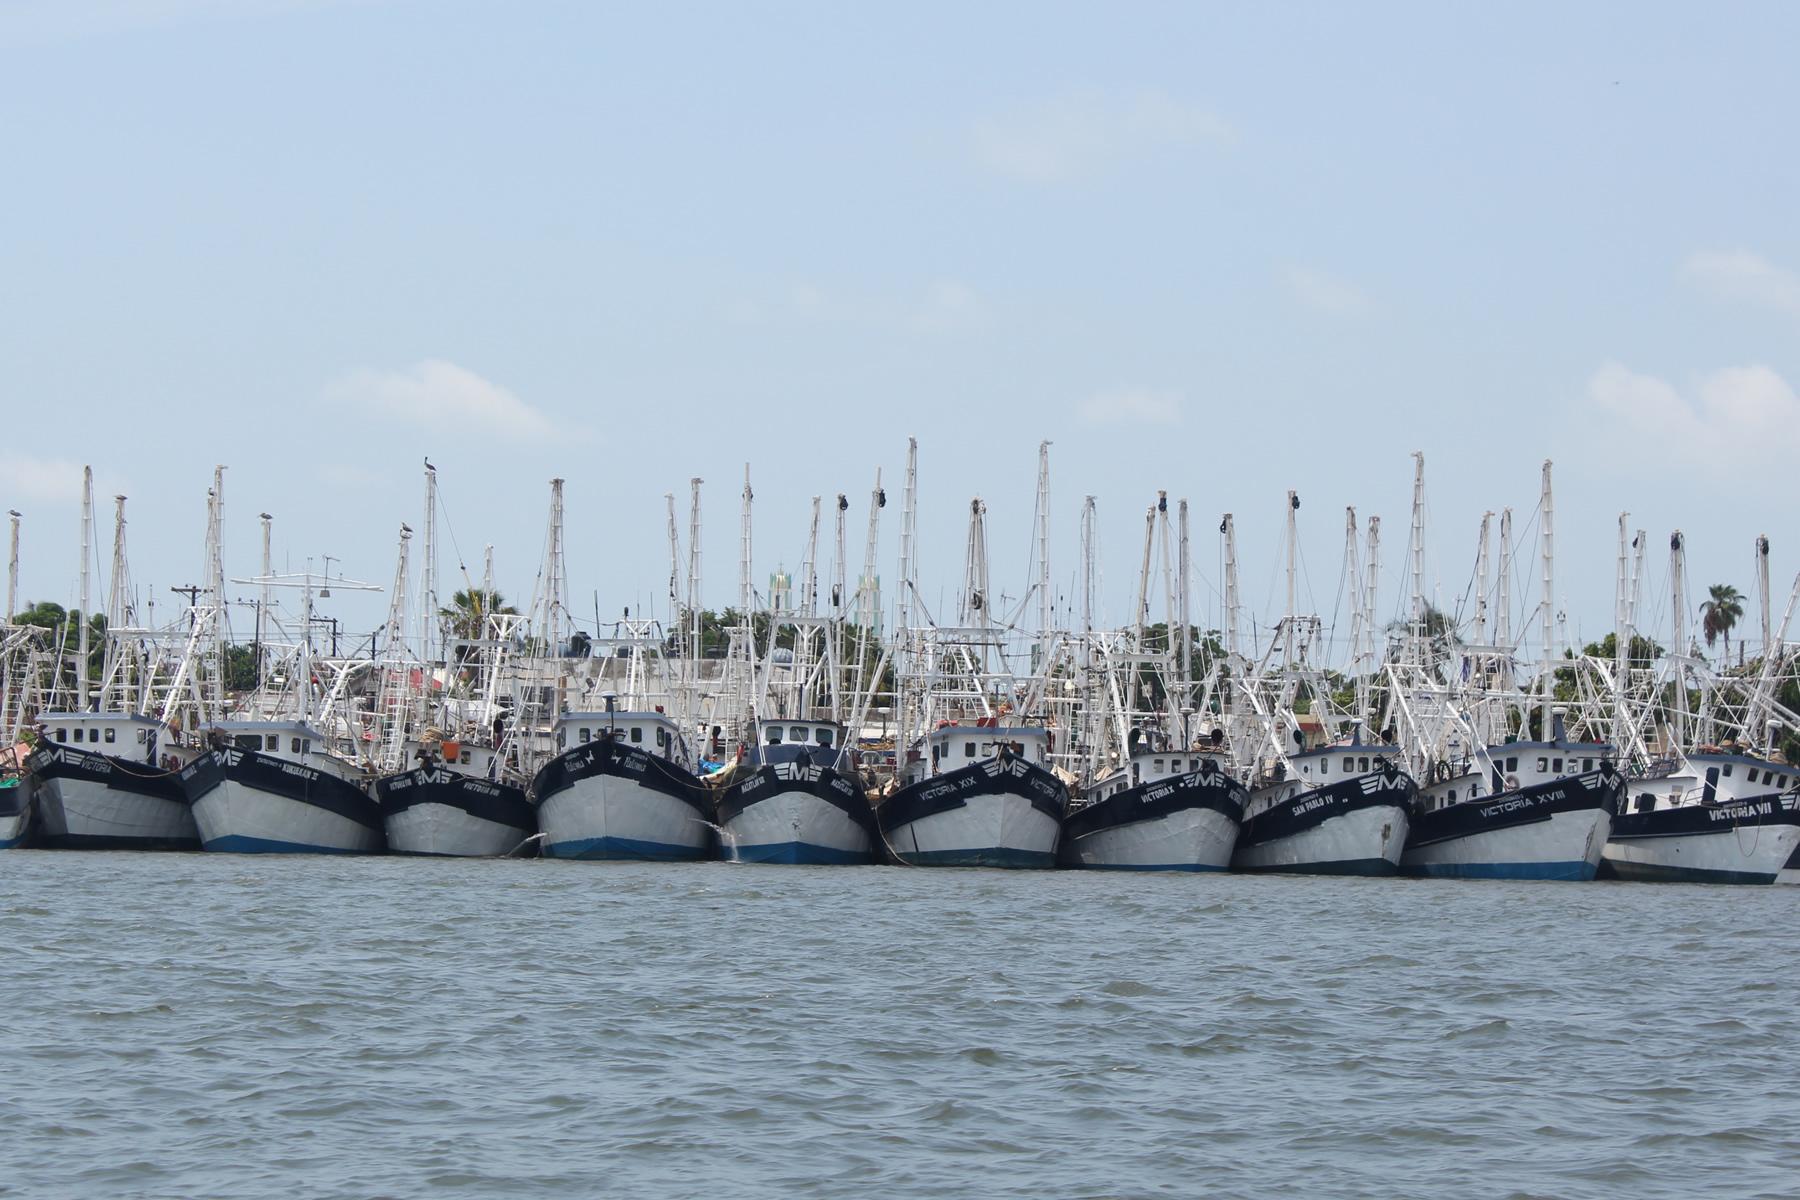 Acuerda el Comité Nacional de Pesca y Acuacultura los periodos de veda de camarón en el Golfo de México y Mar Caribe en 2015.